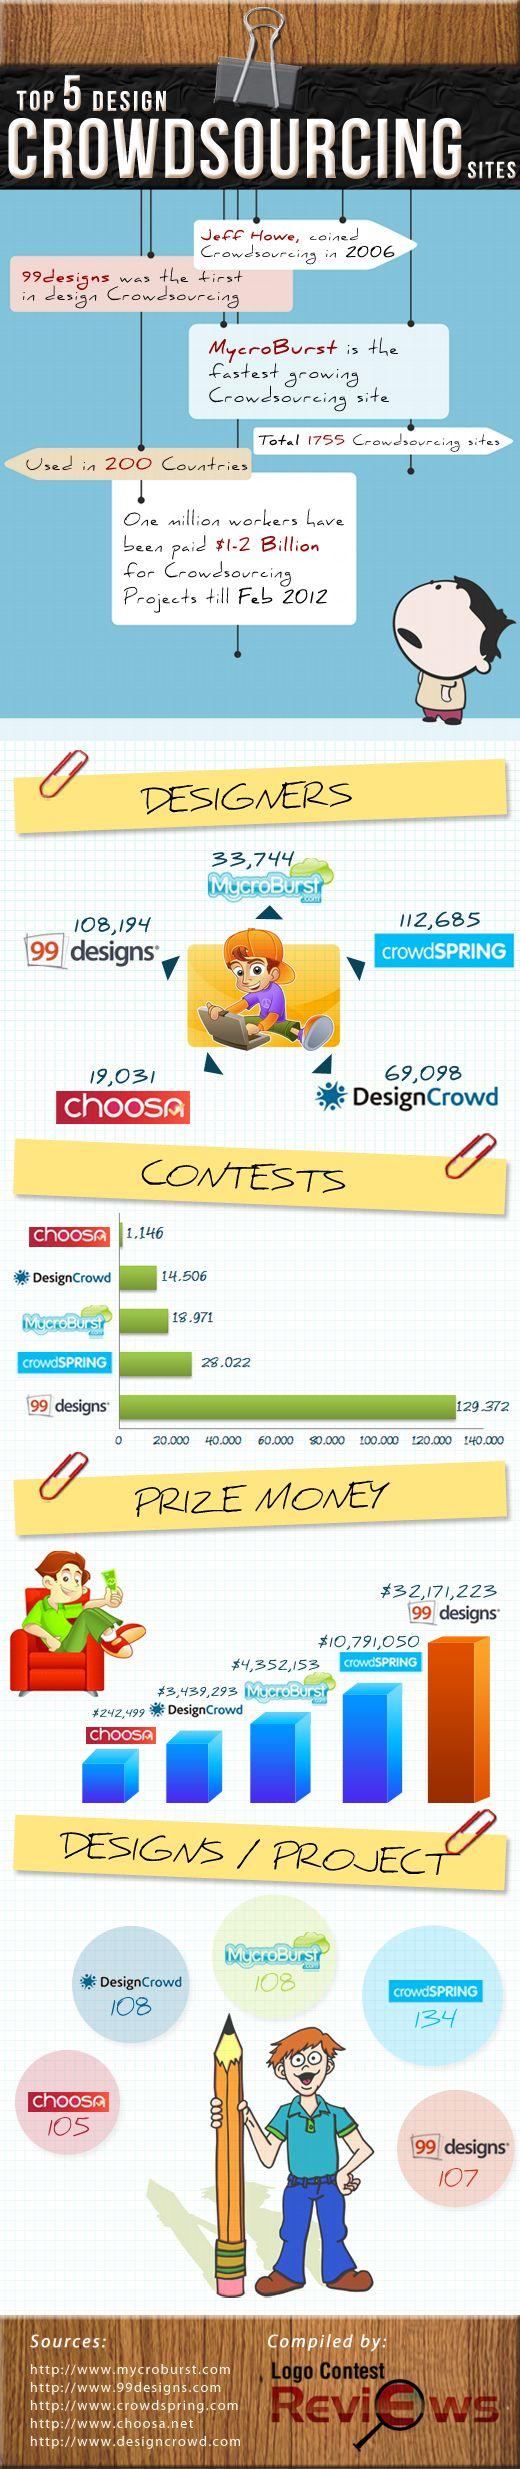 Top 5 Design Crowdsourcing Sites